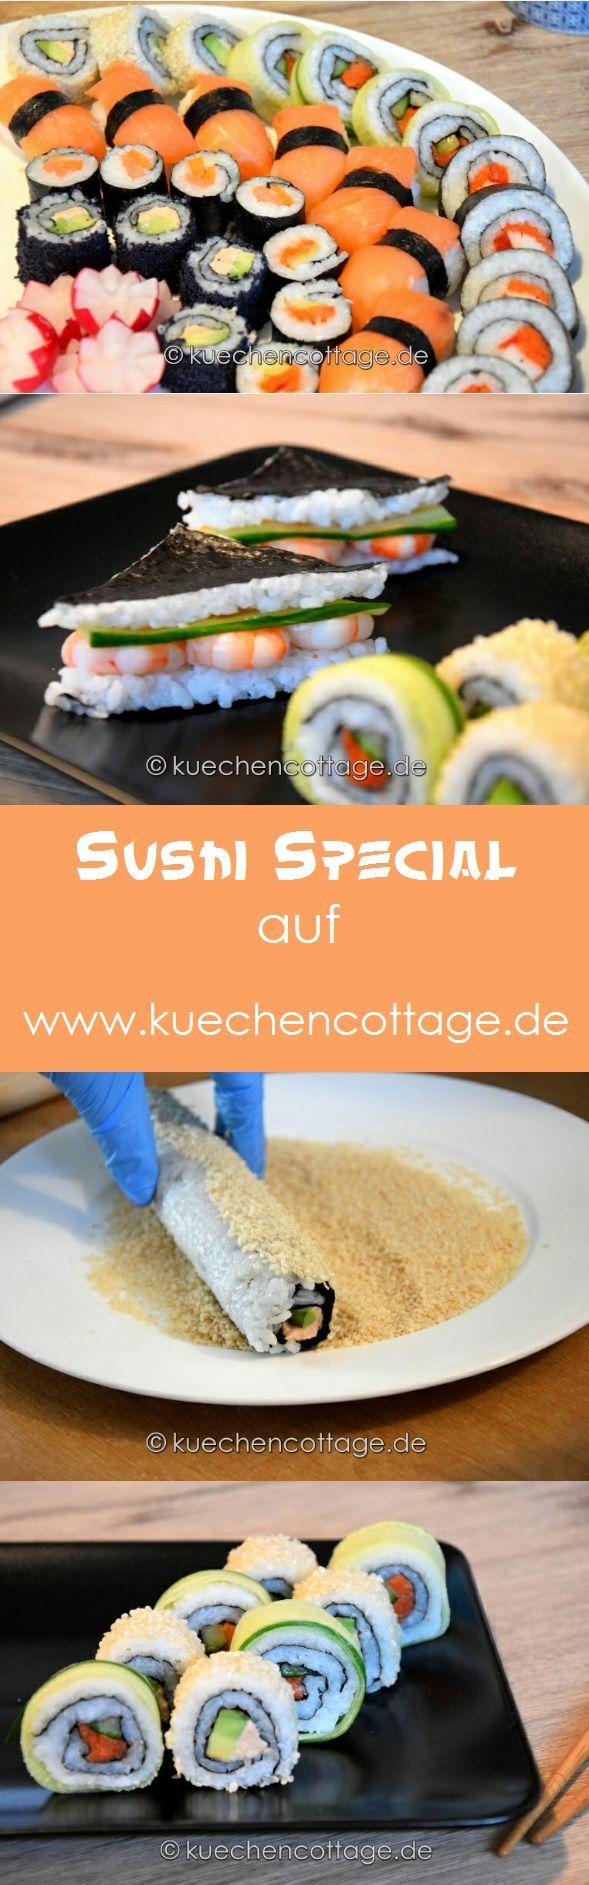 Ich liebe Sushi!....  Großes Sushi Special | Küchencottage…